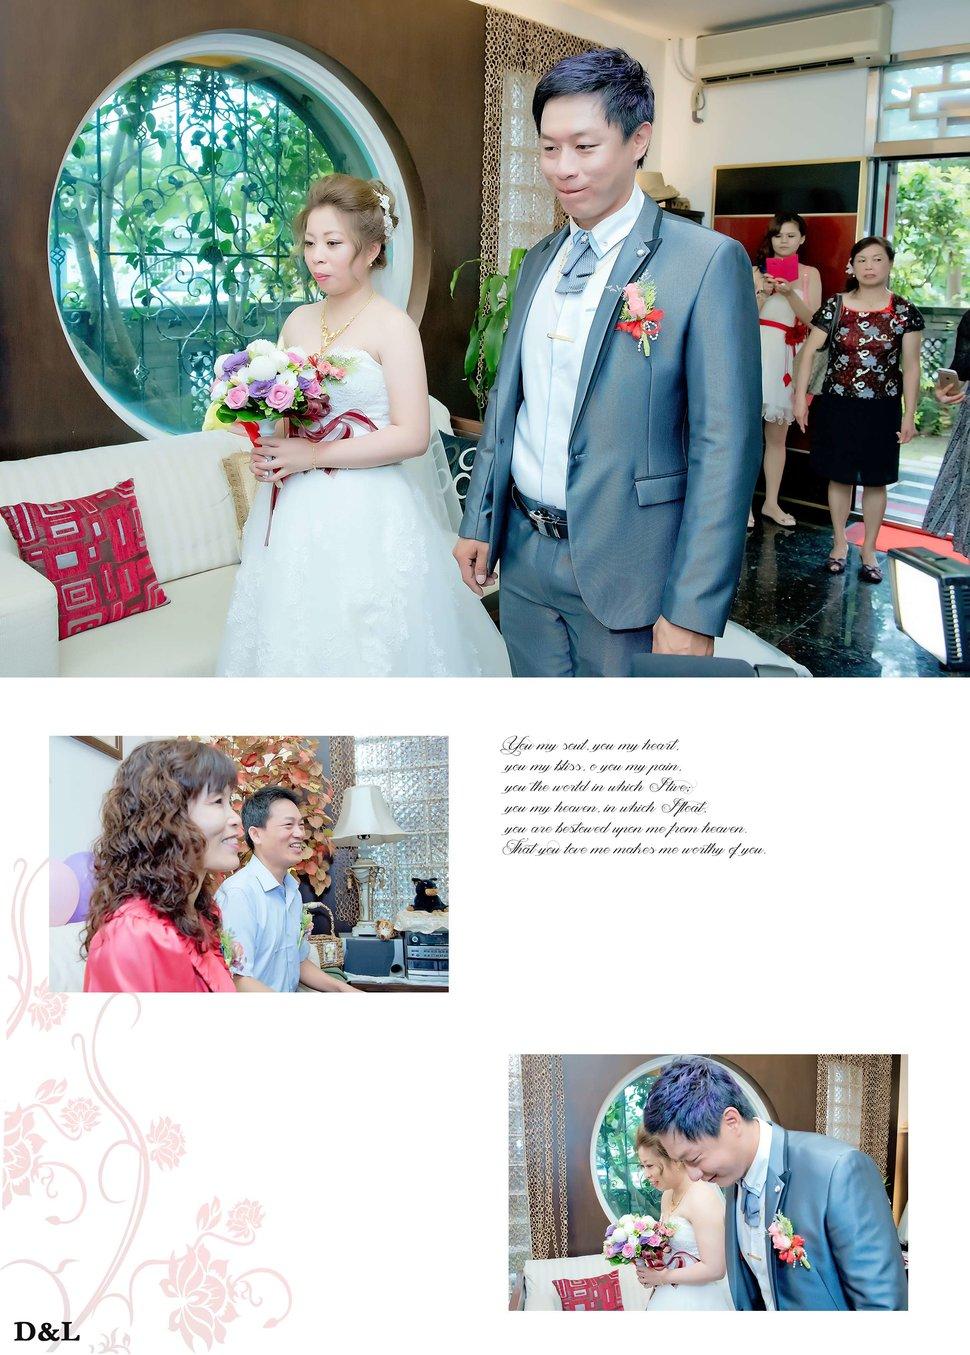 雲林婚攝 婚禮紀錄 敬添&綉芬 喜洋洋宴會廳雲林(編號:253238) - D&L 婚禮事務-婚紗攝影/婚禮記錄 - 結婚吧